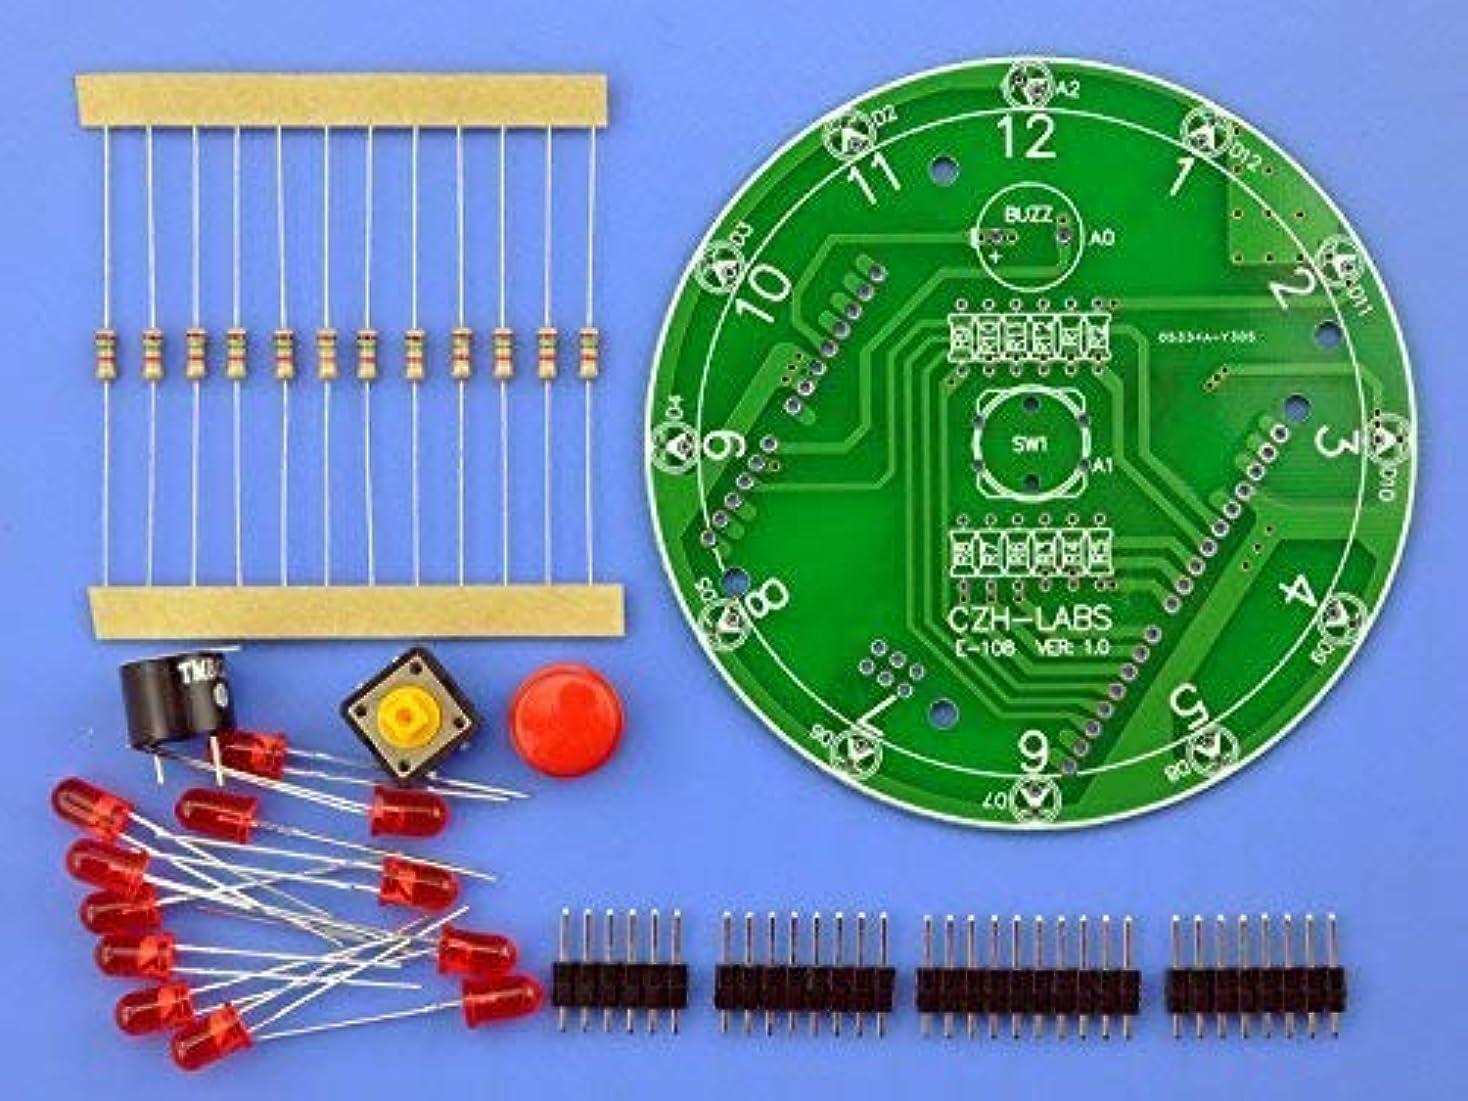 レガシーオーストラリア建設CZH-LABS elecronics-サロン12位 Arduino UNO R3用 電子ラッキーロータリーボードキット主導しました